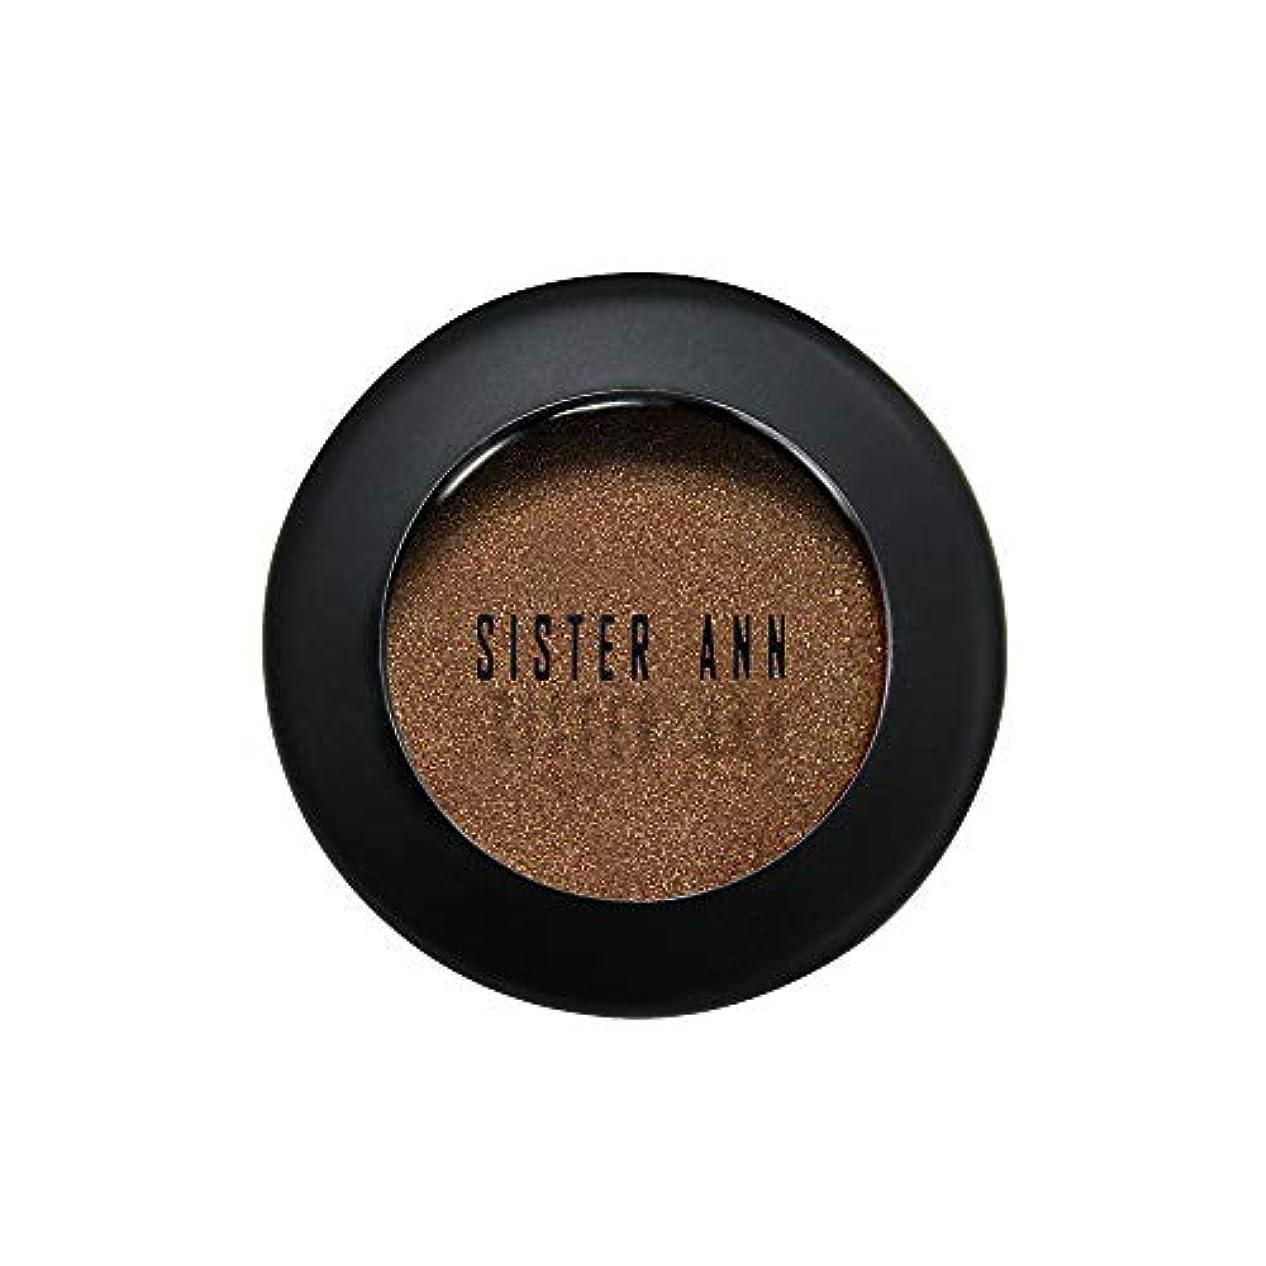 受粉する豊富人[SISTER ANN] カラーシャインシャドウ (Gold Brown)